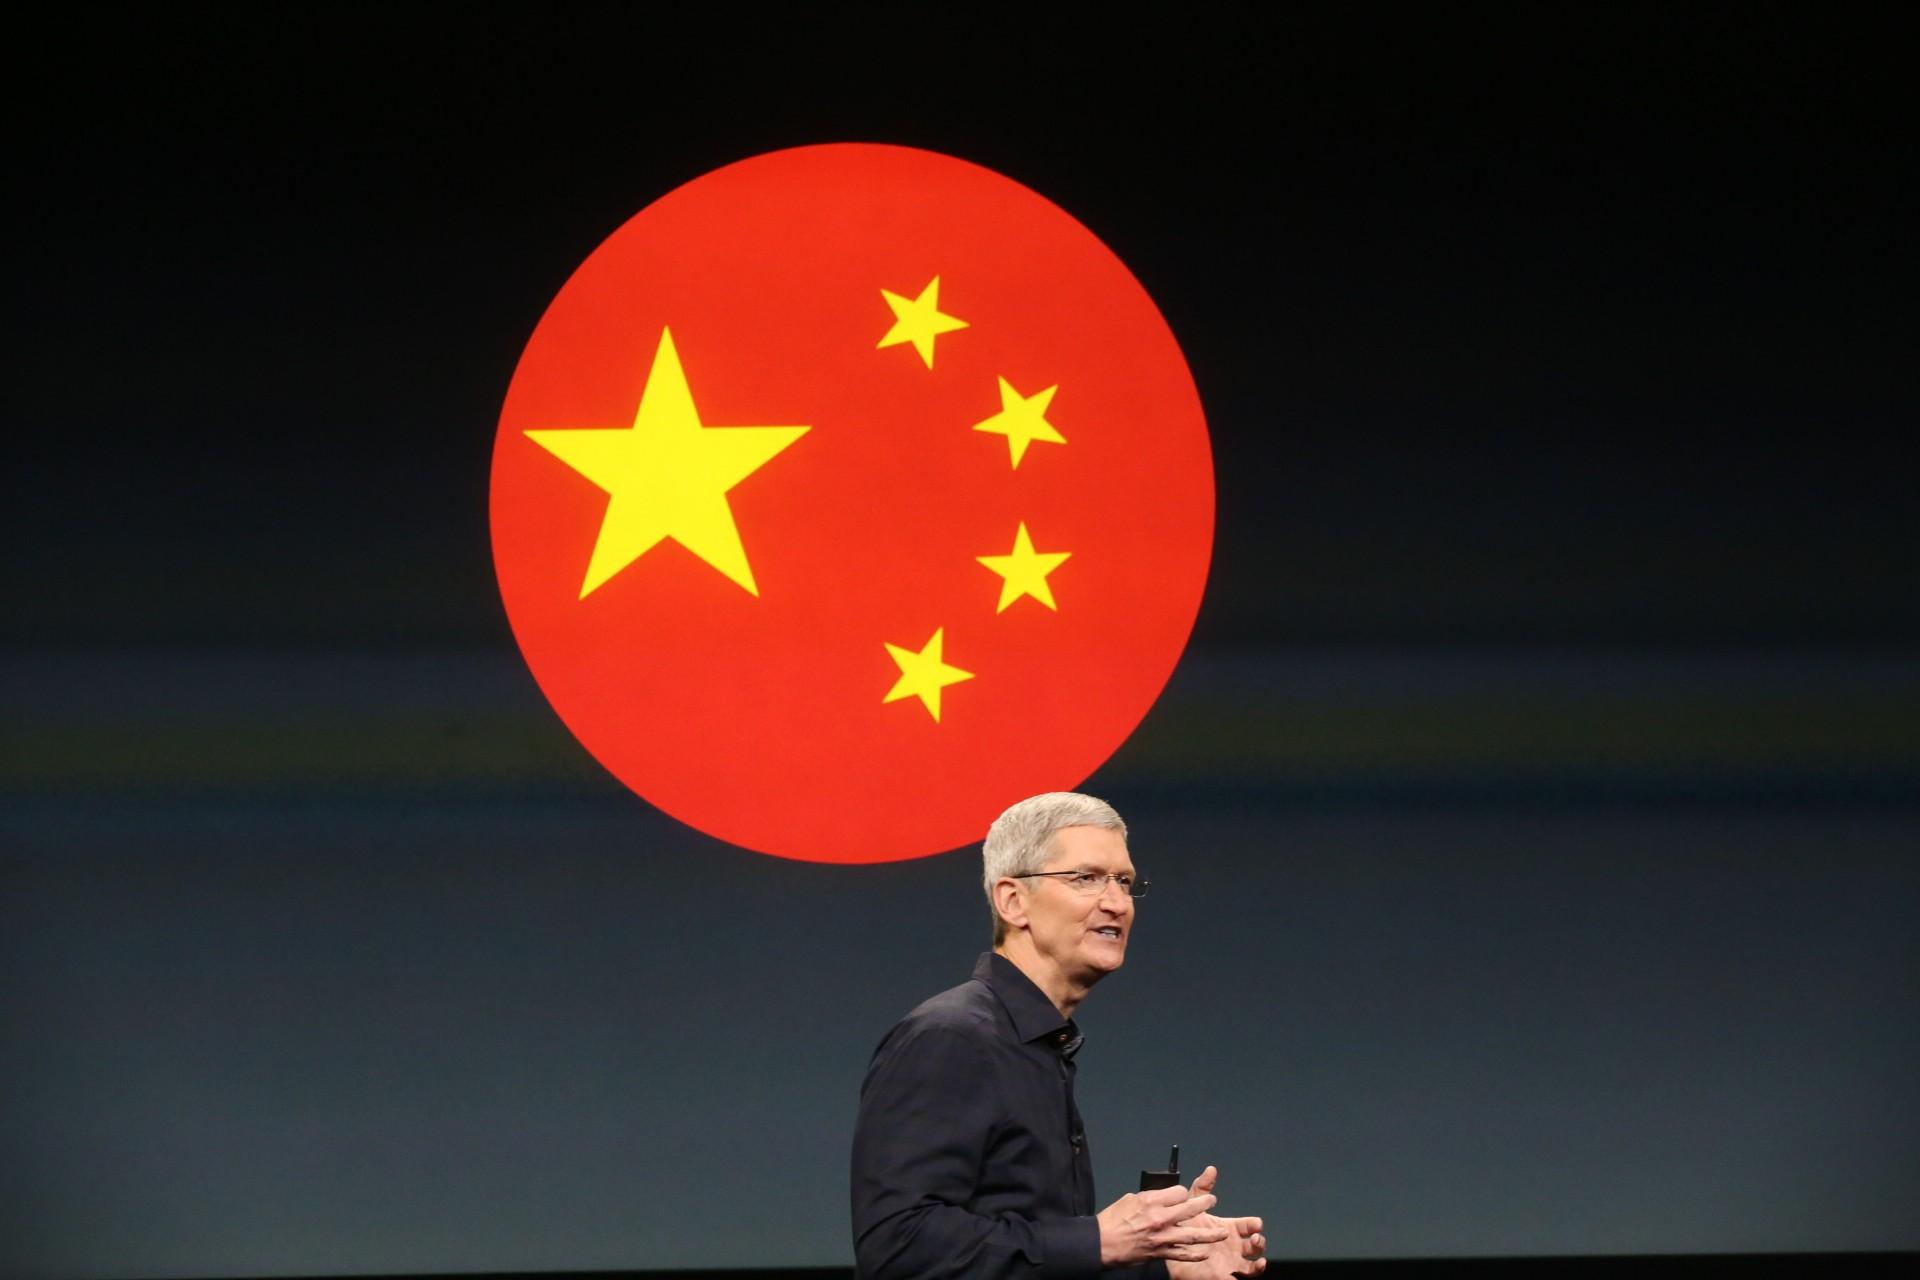 Επένδυση $1δισ. της Apple σε κινεζική εταιρεία παροχής υπηρεσιών μεταφοράς Didi Chuxing – ανταγωνιστή της Uber